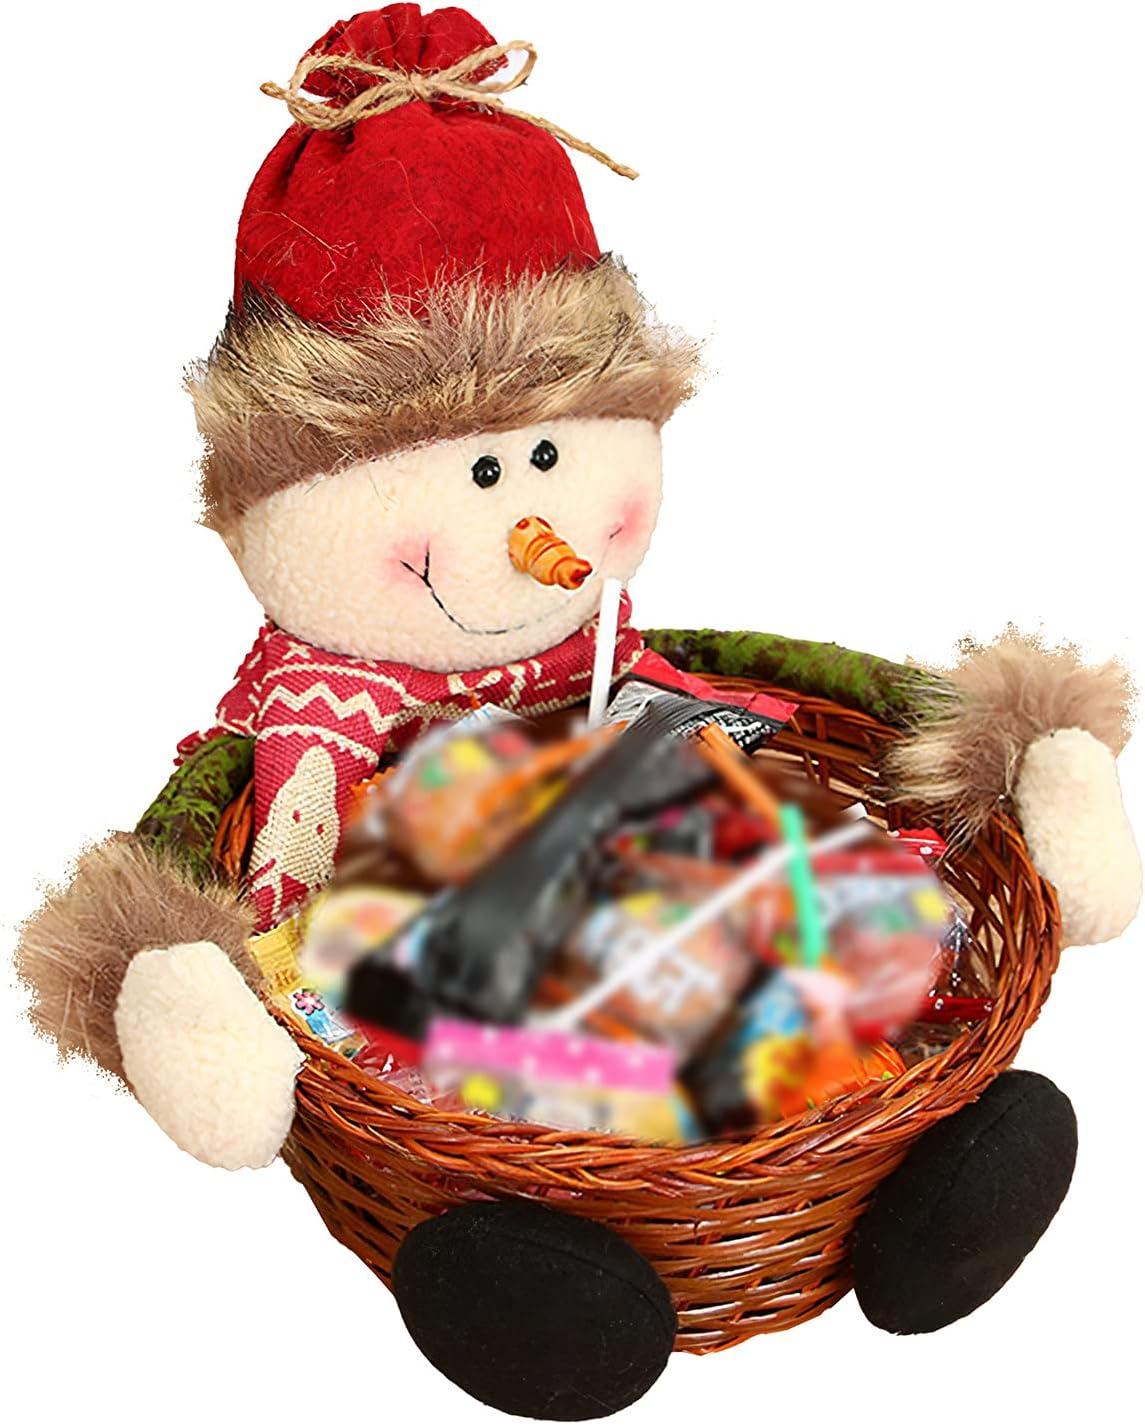 ALLOMN Cesta de dulces de decoración navideña, cuenco de almacenamiento de caramelos de Navidad con muñeco de nieve, cesta de adorno de Navidad, soporte de caramelos para Navidad